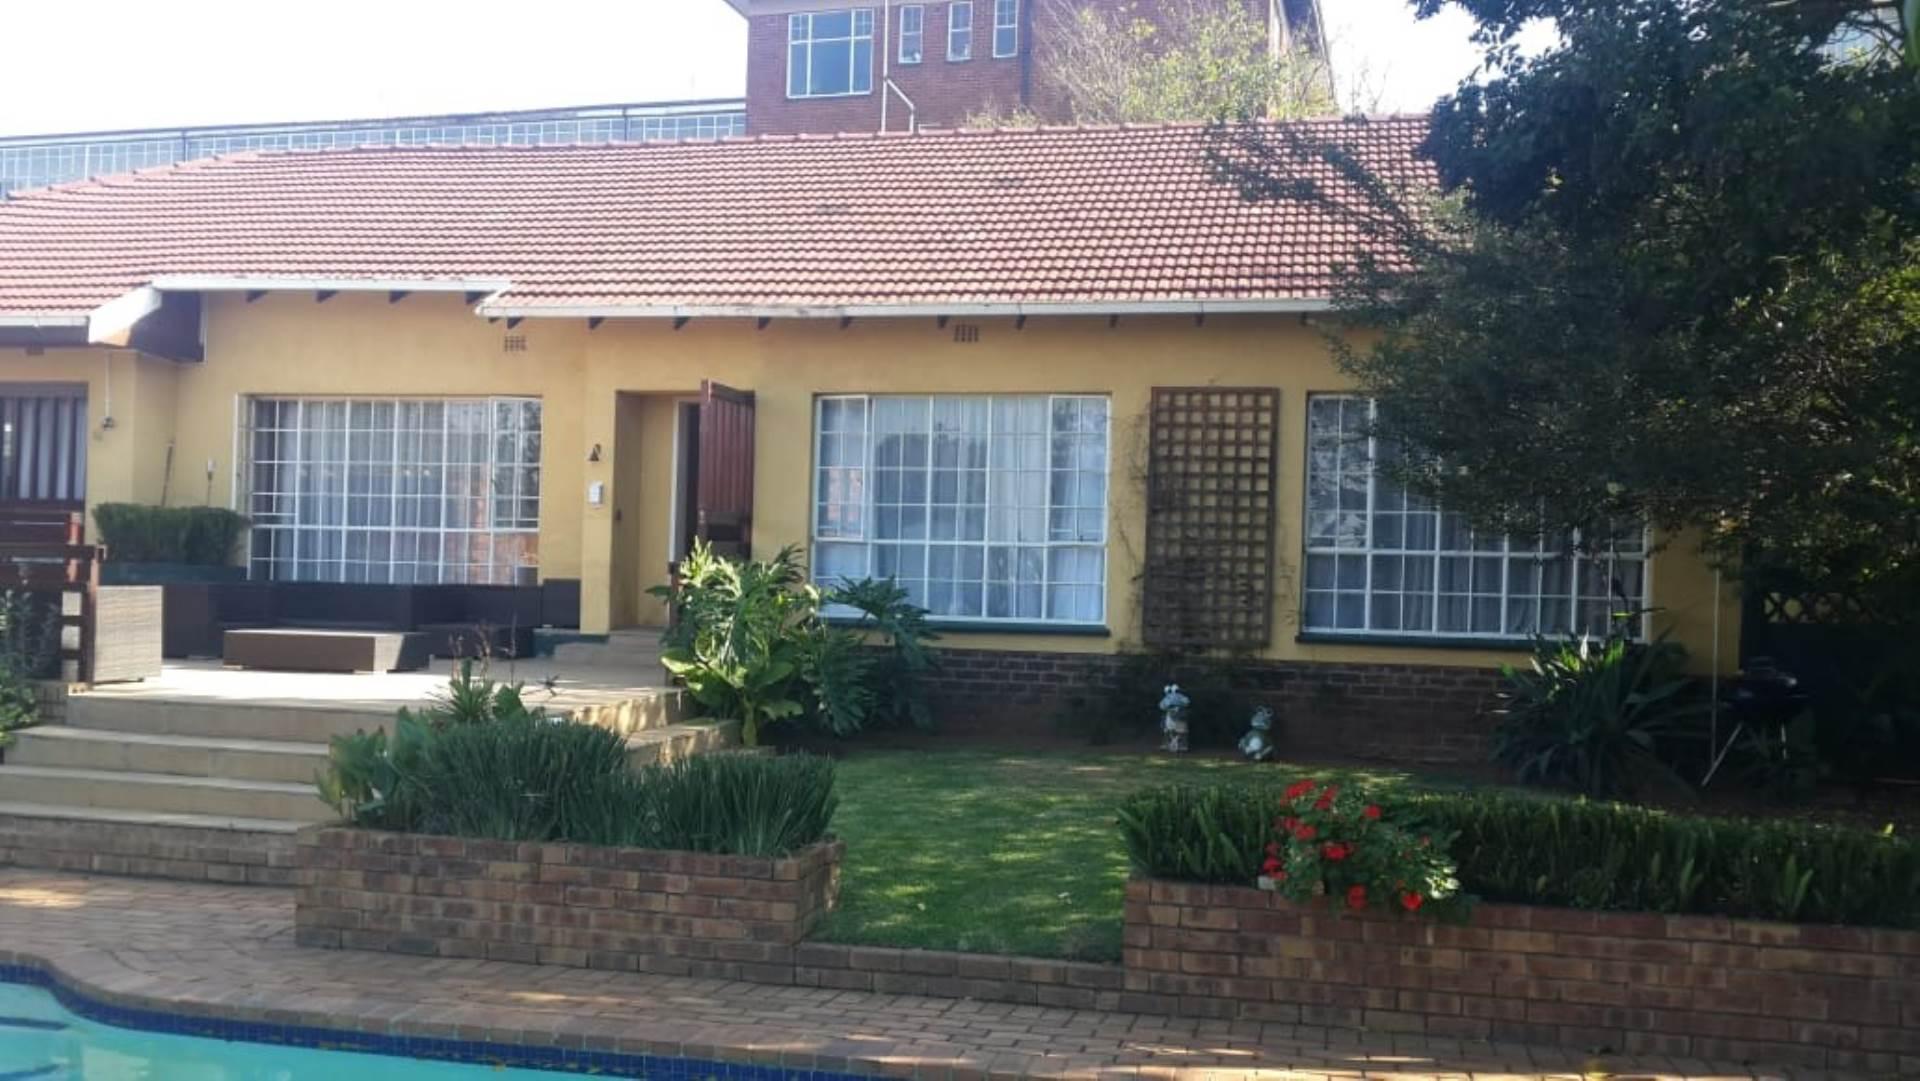 3 BedroomHouse For Sale In Symhurst